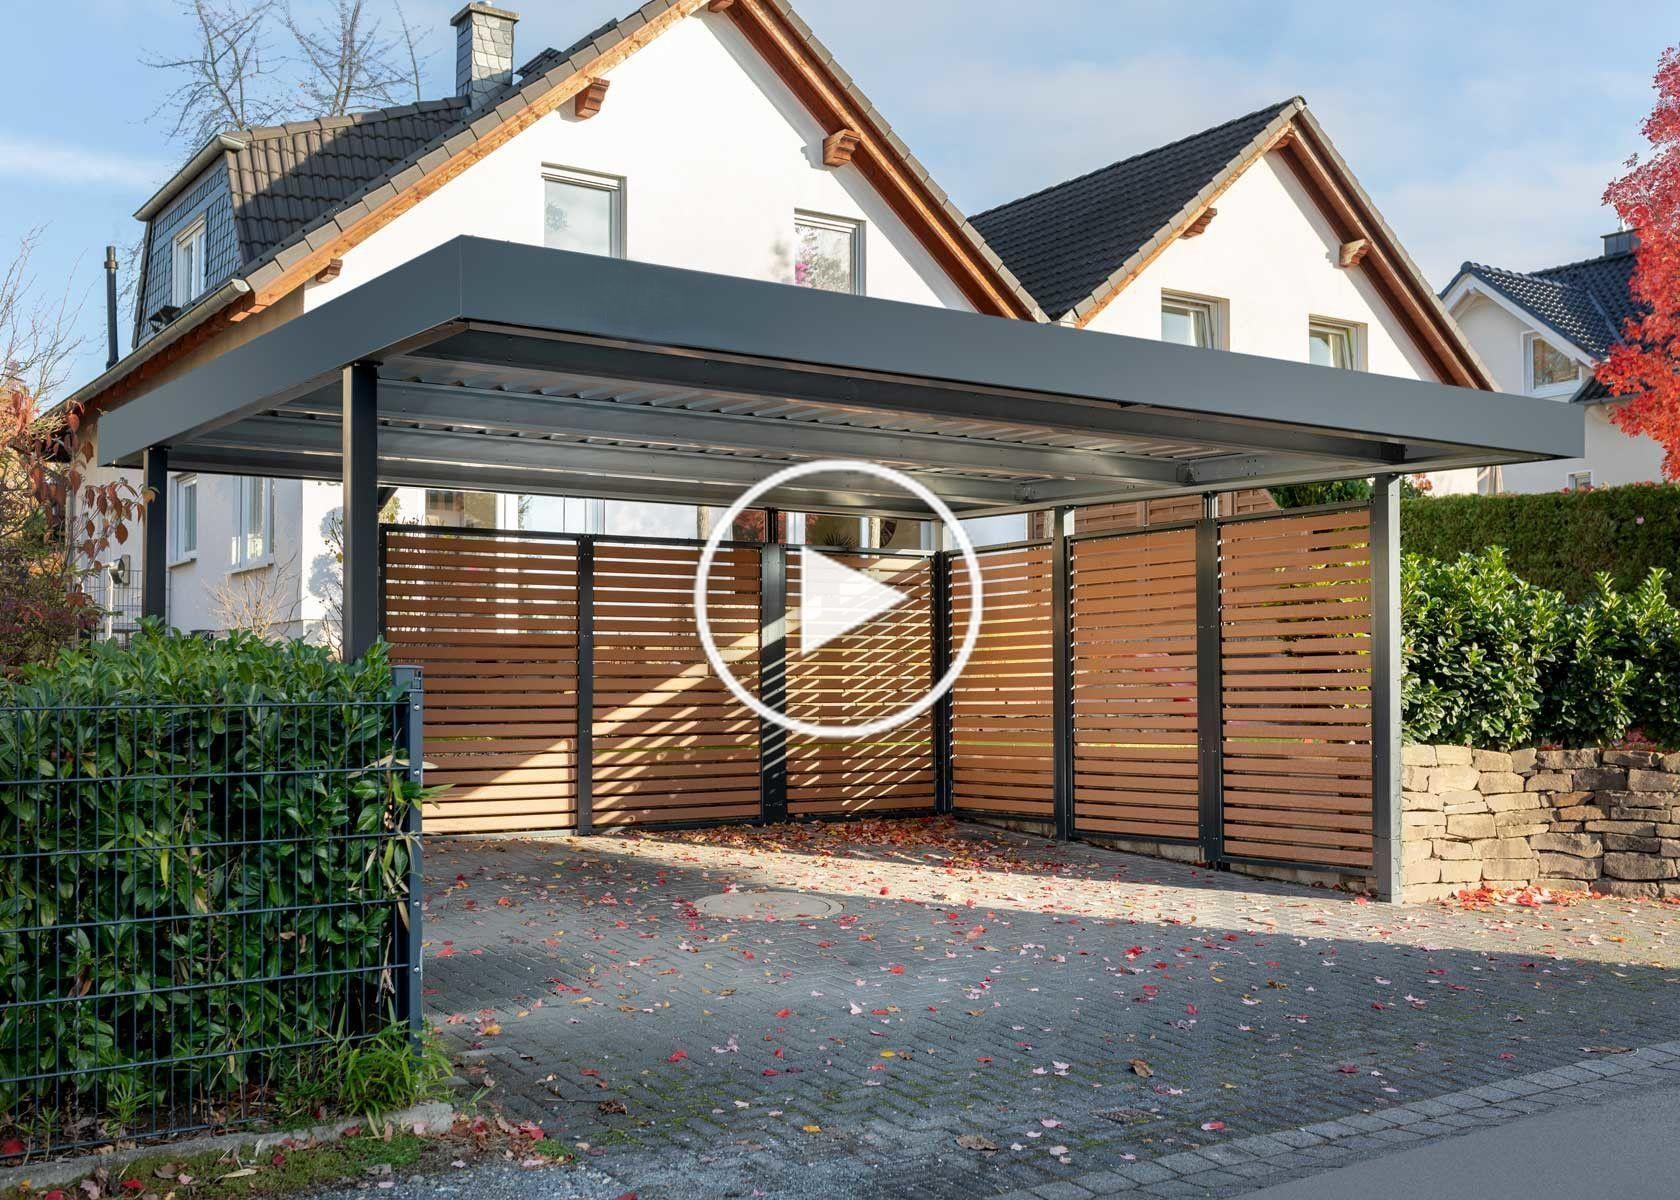 Myport Deux Abris Pour Voiture Avec Panneaux Muraux En Bois In 2020 Double Carport Garage Door Design Carport Designs